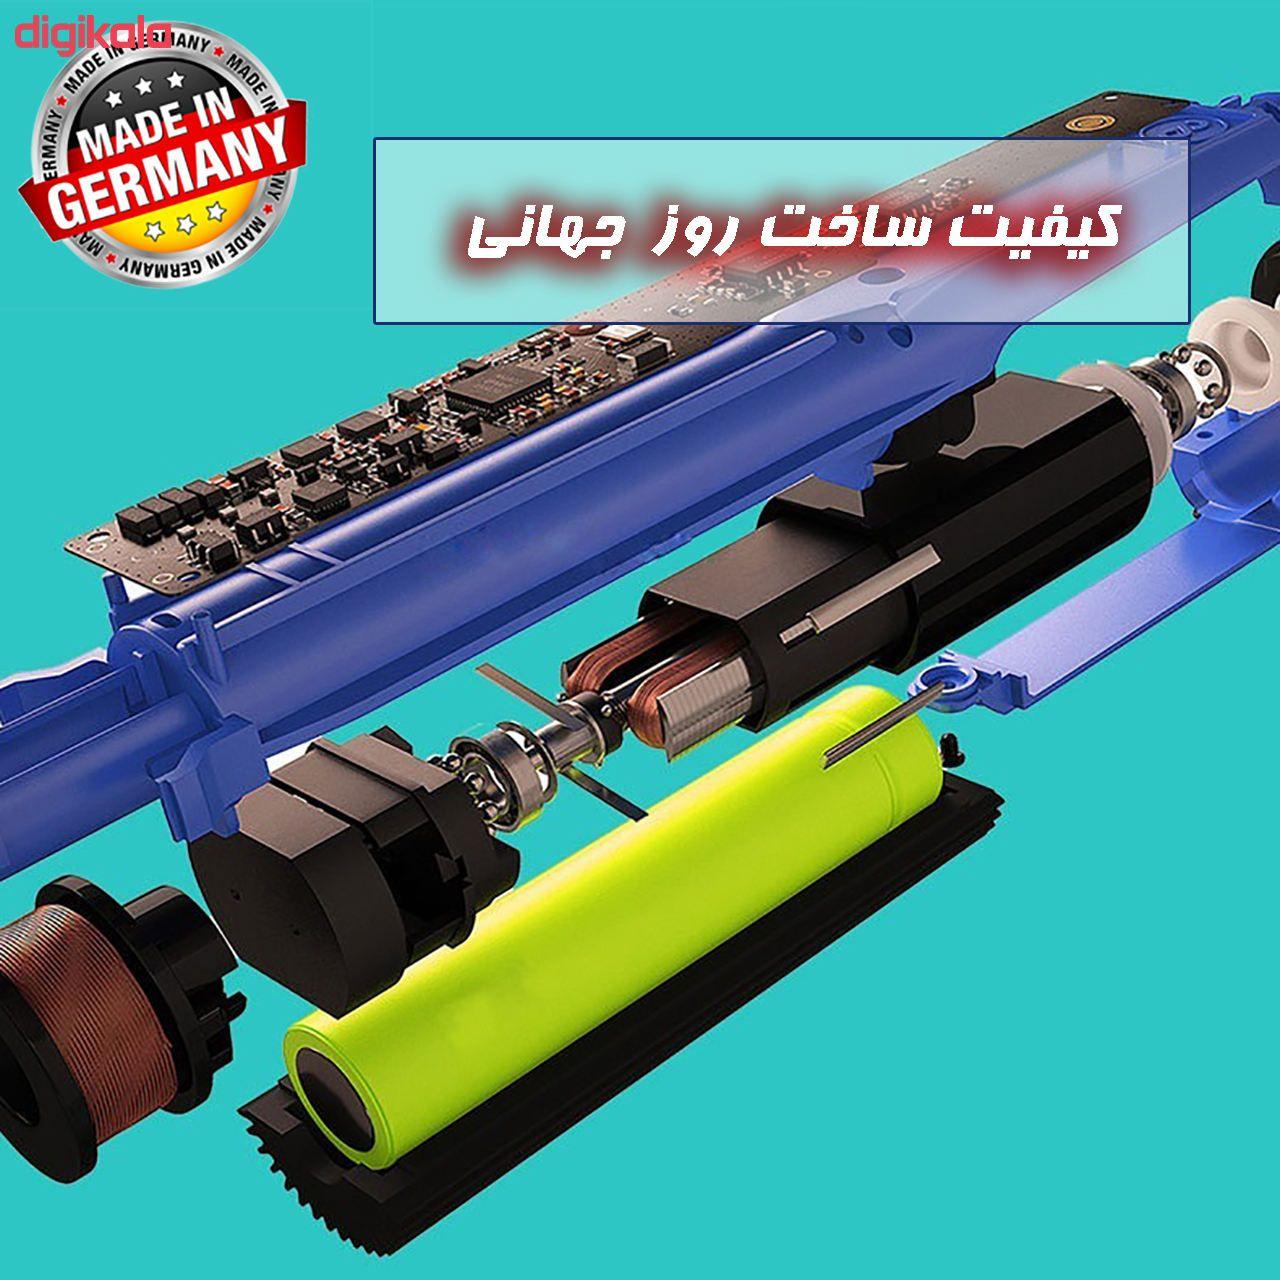 مسواک برقی هارمن مدل KEMPHOR SONICX3 main 1 4